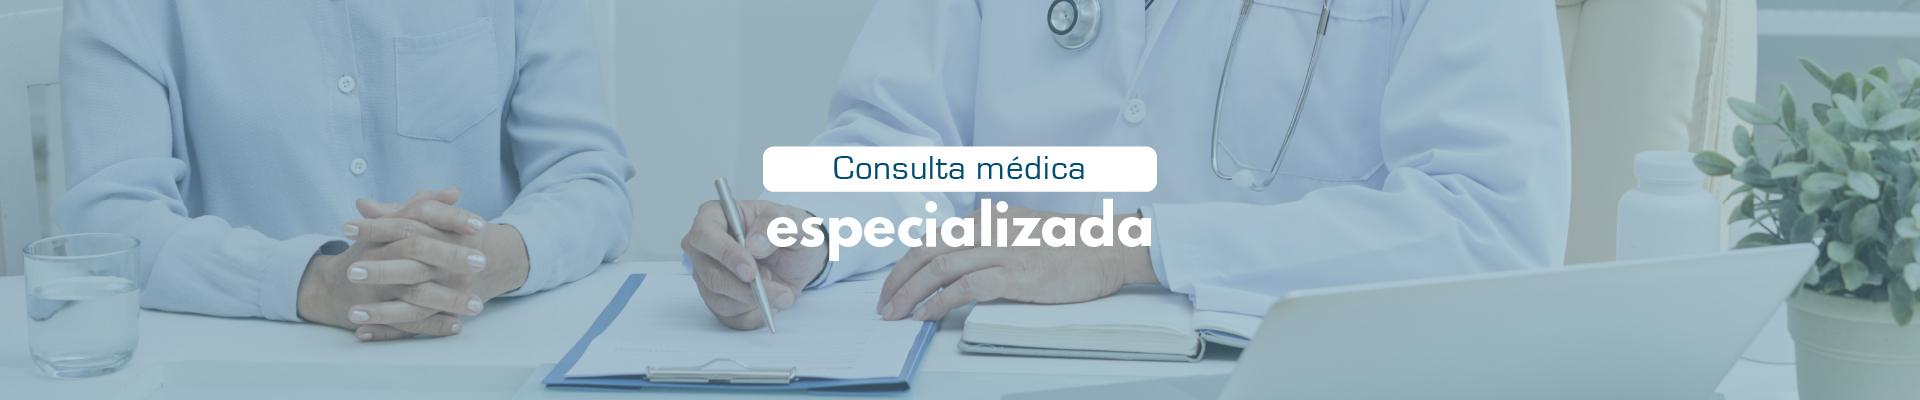 Consulta médica especializada en ginecología en Fundación Clínica del Norte